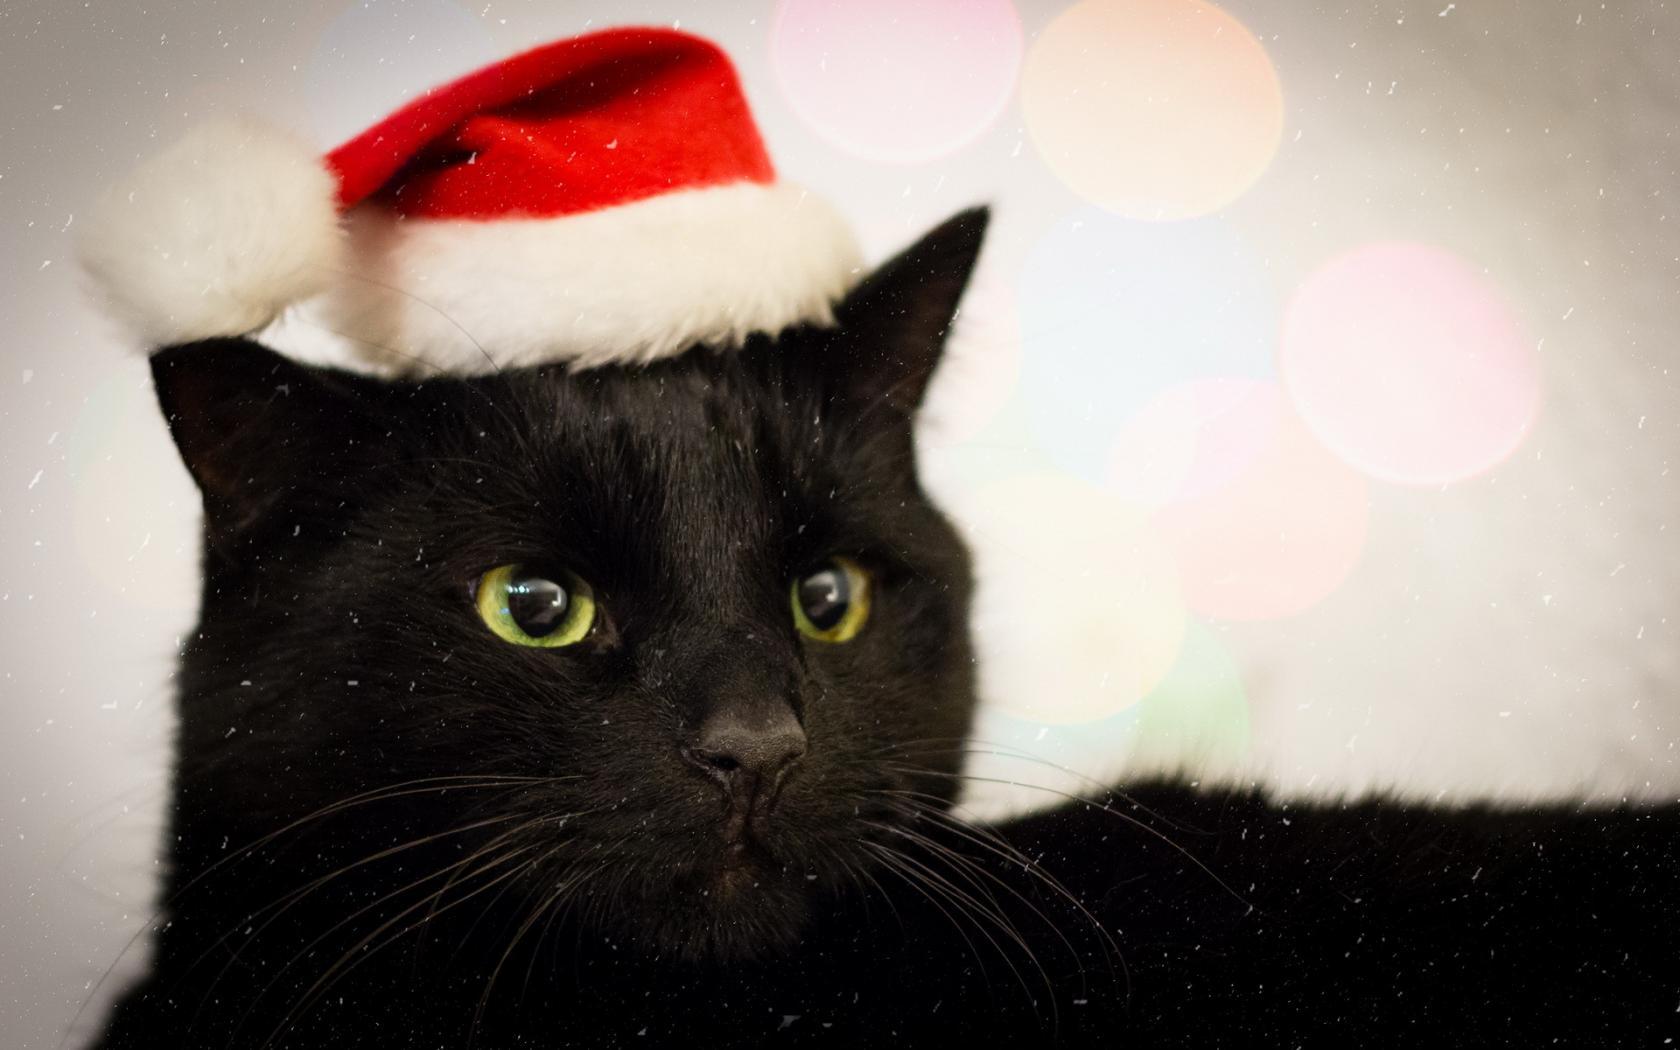 [38+] Black Cat Christmas Wallpaper on WallpaperSafari